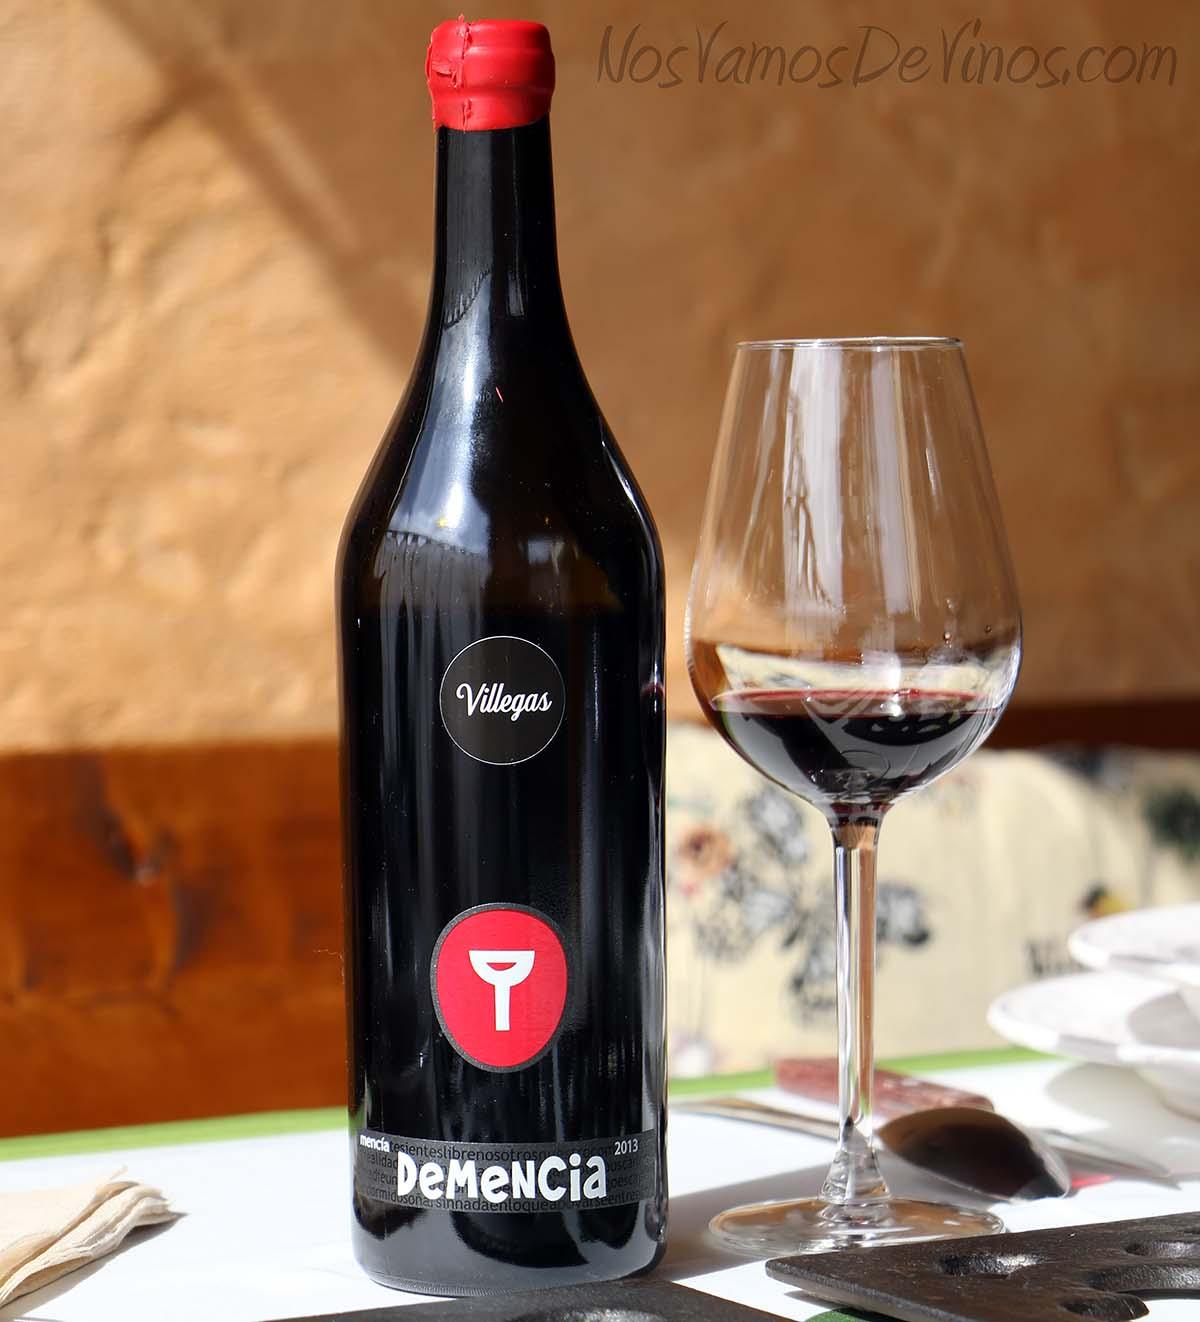 Demencia-Villegas-2013-vino